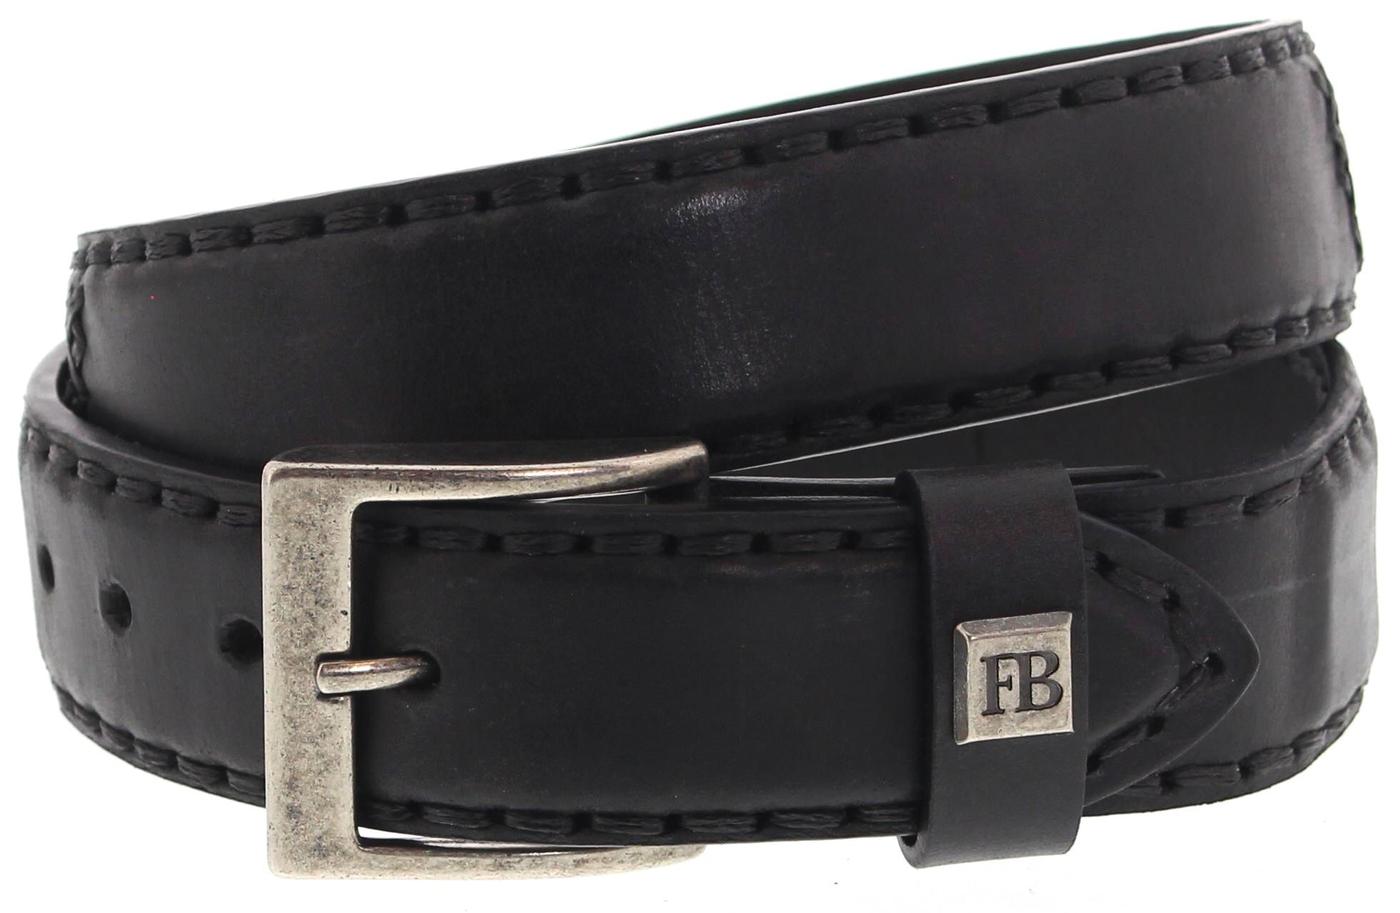 FB Fashion Boots FG3005 Codet Negro Ledergürtel - matt schwarz